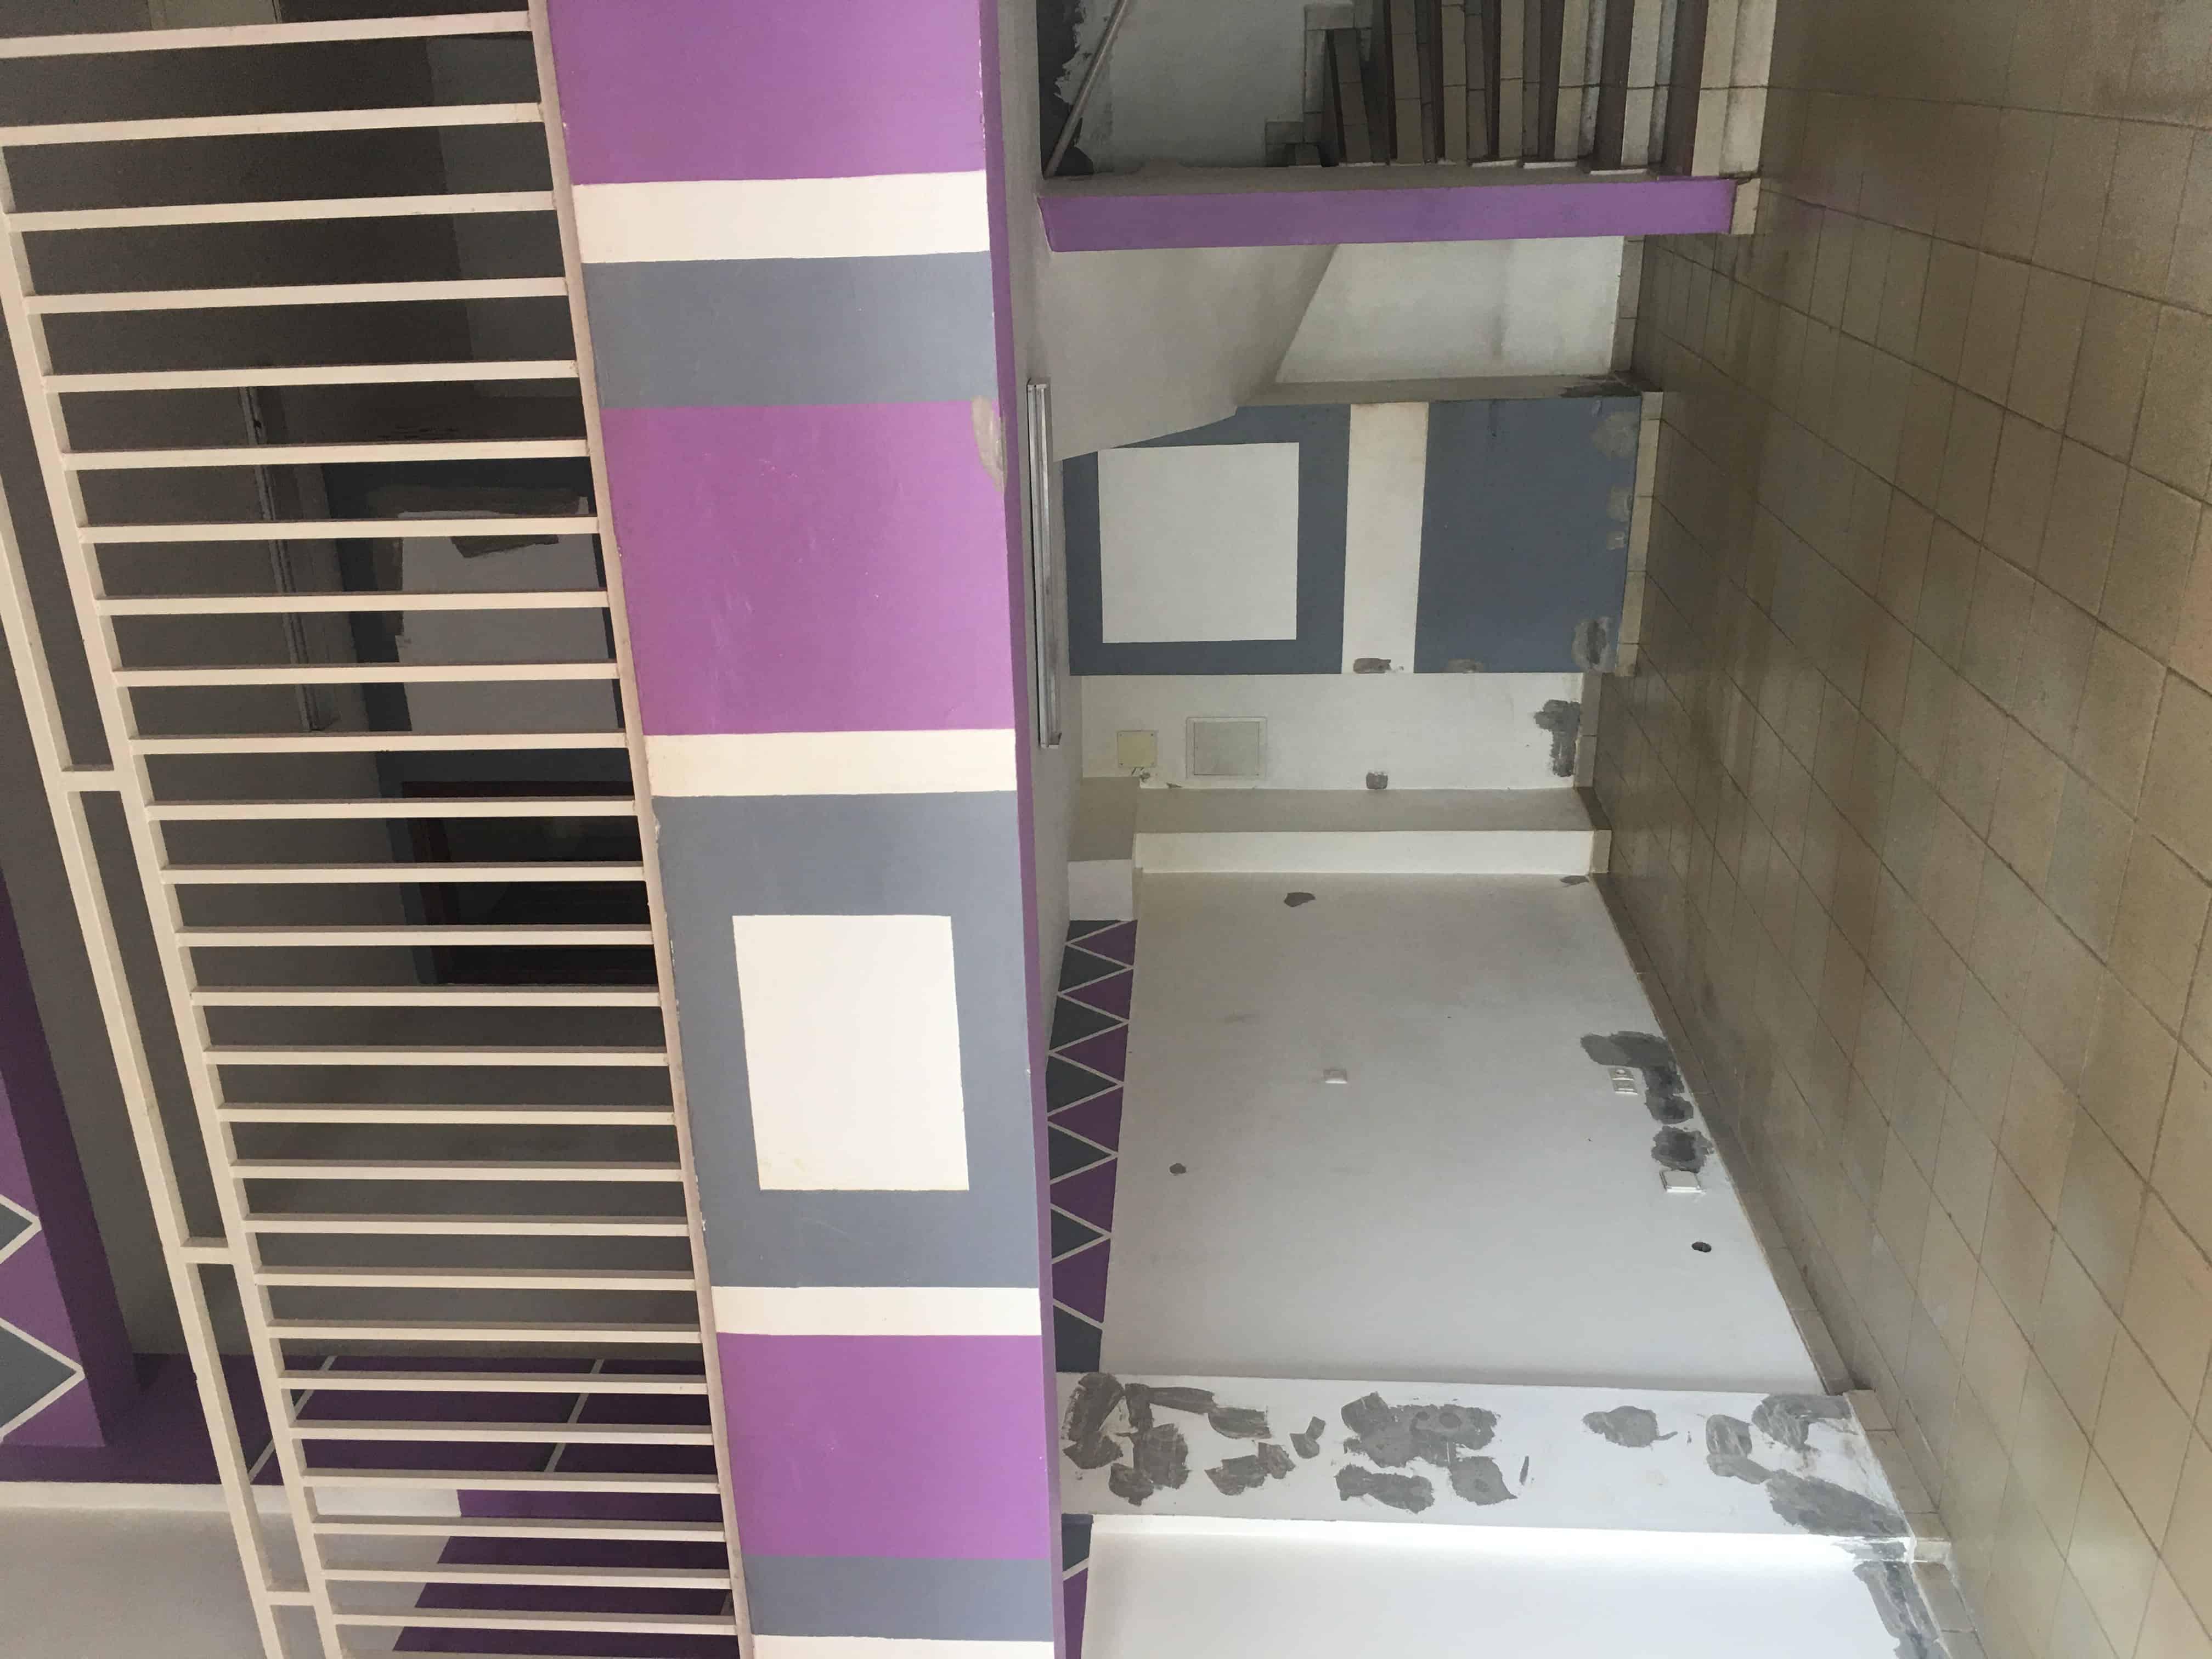 Shop to rent at Yaoundé, Tsinga, Non loin Fecafoot - 100 m2 - 350 000 FCFA